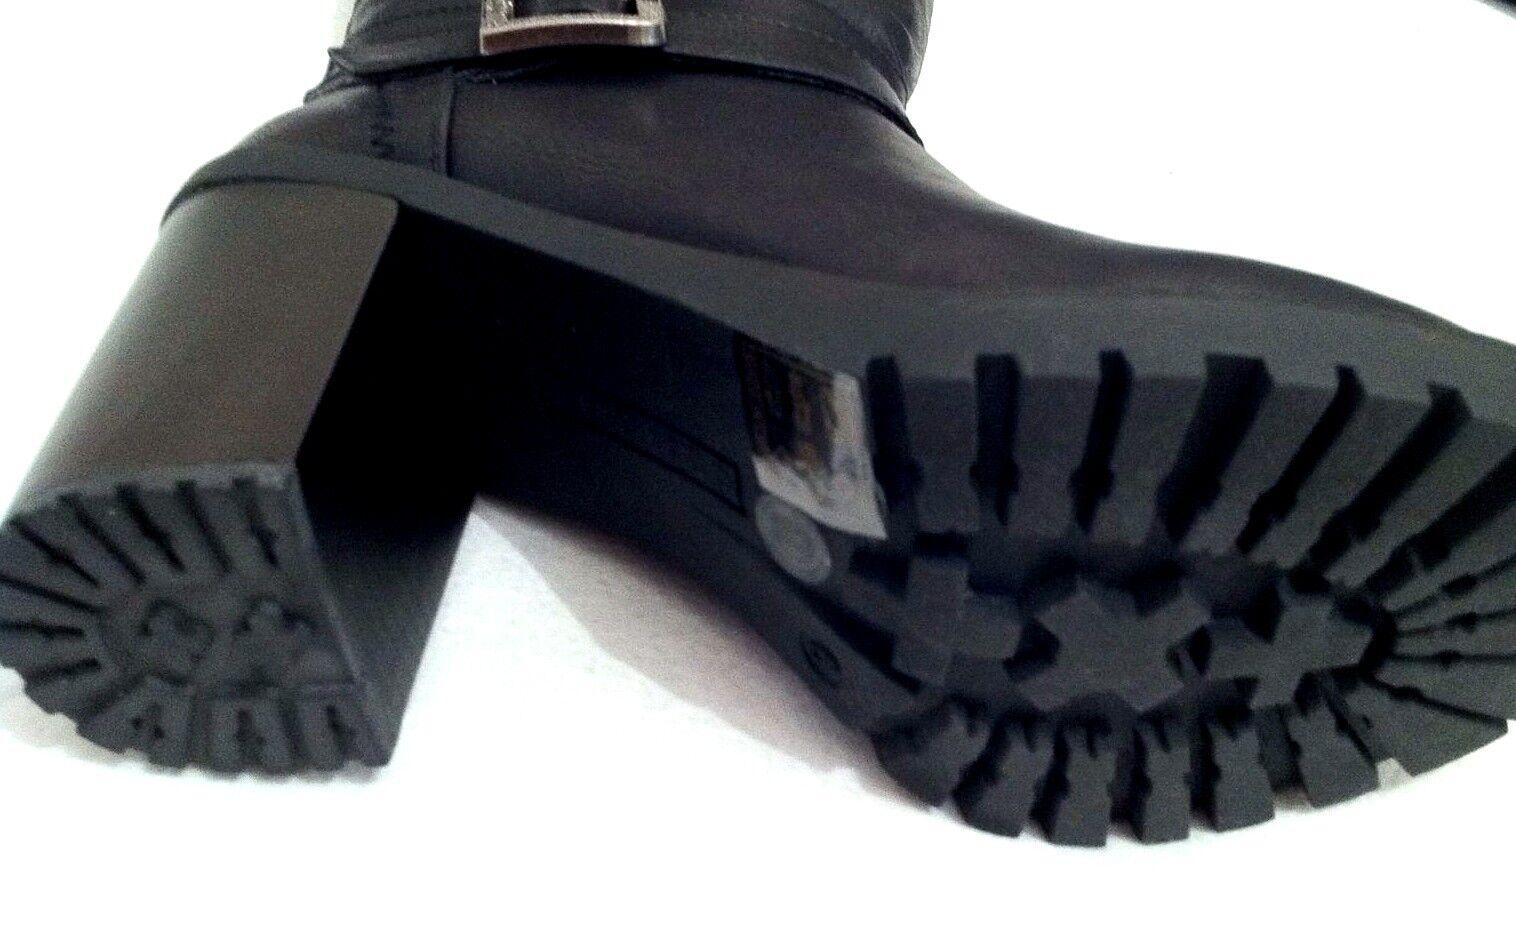 New Damenschuhe Firetrap QUARION Helled Tall Buckle Back Zip 6 Stiefel UK 6 Zip EUR 39 72f80a